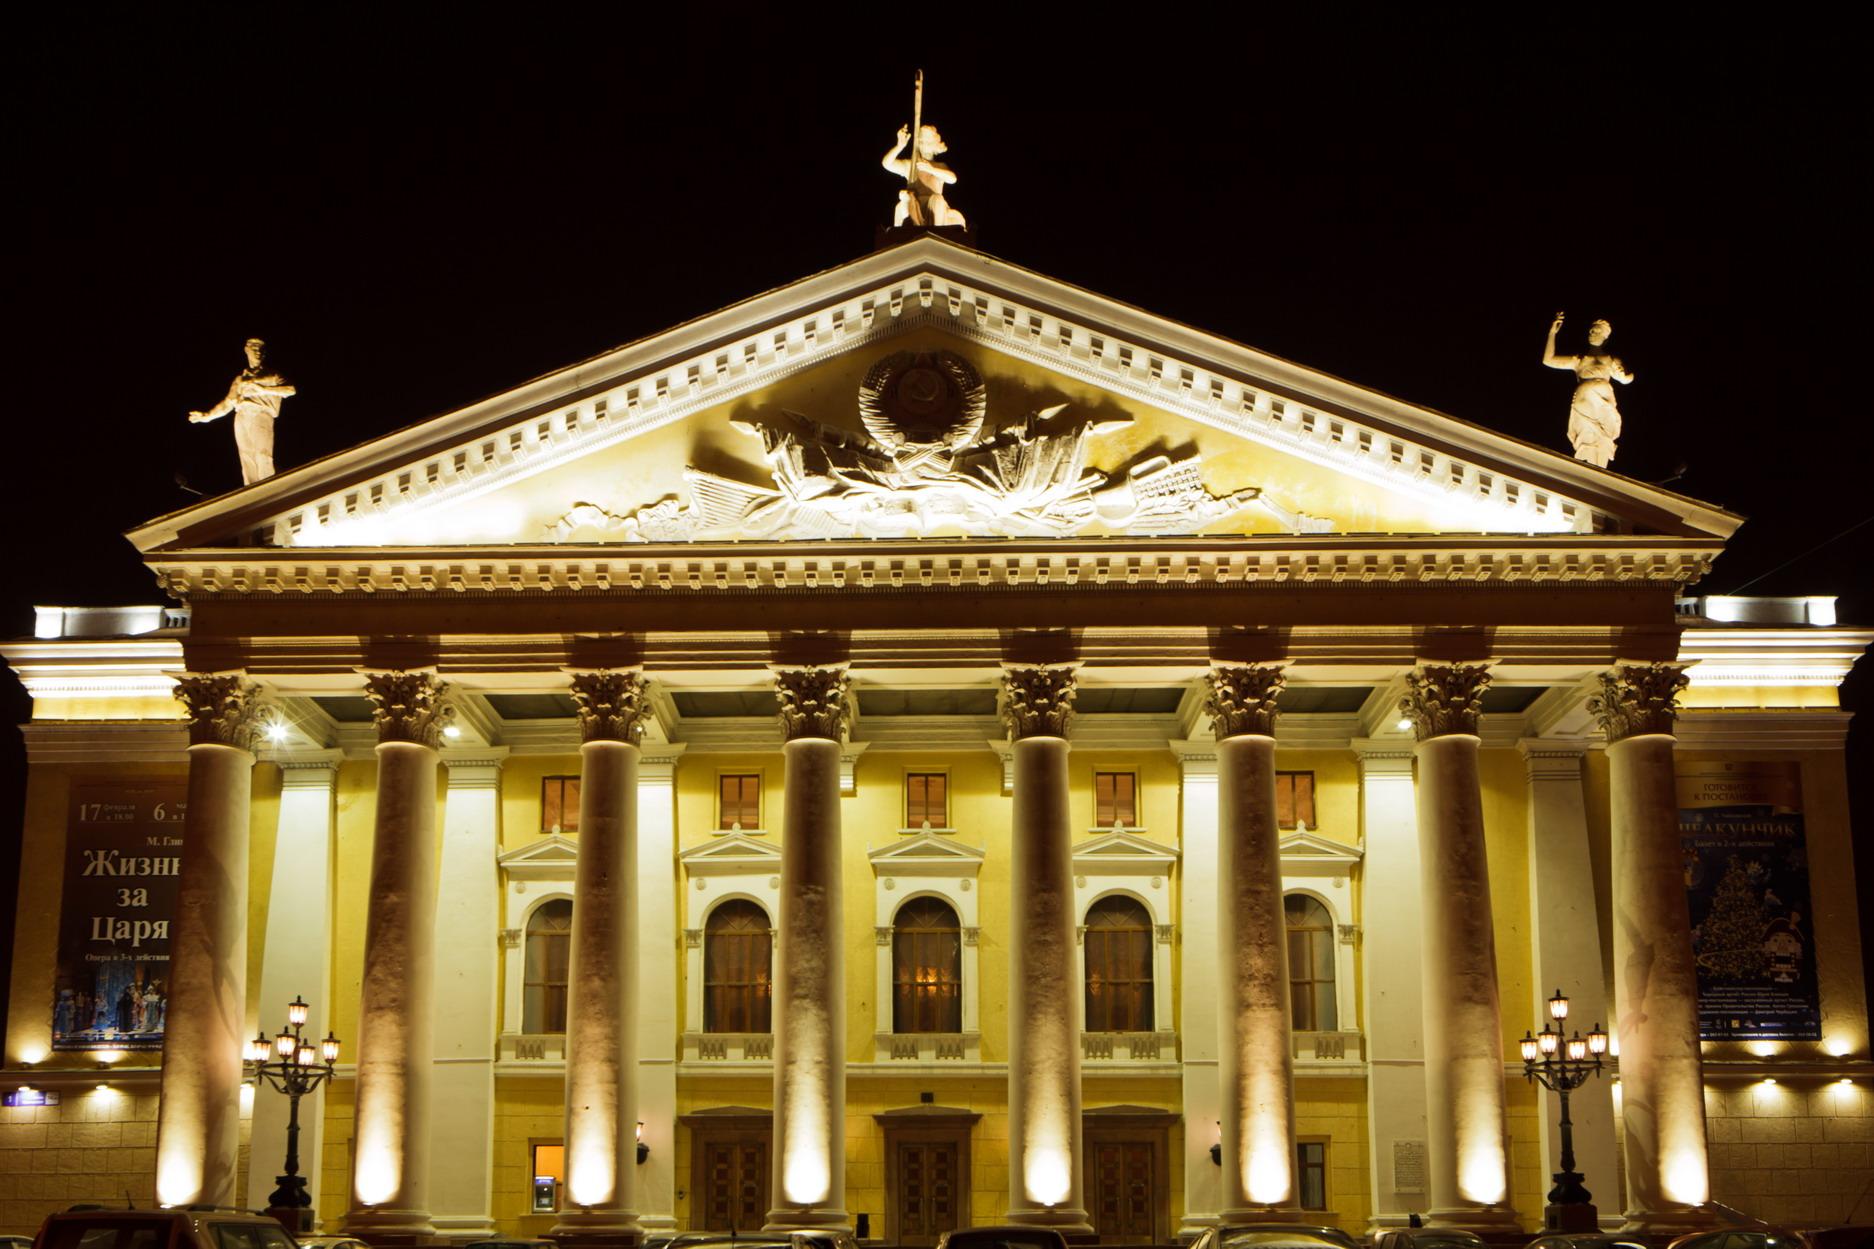 В 16 часов состоится публичная лекция «Николай Гоголь: взгляд из ХХI века» (площадь Революции, 1)